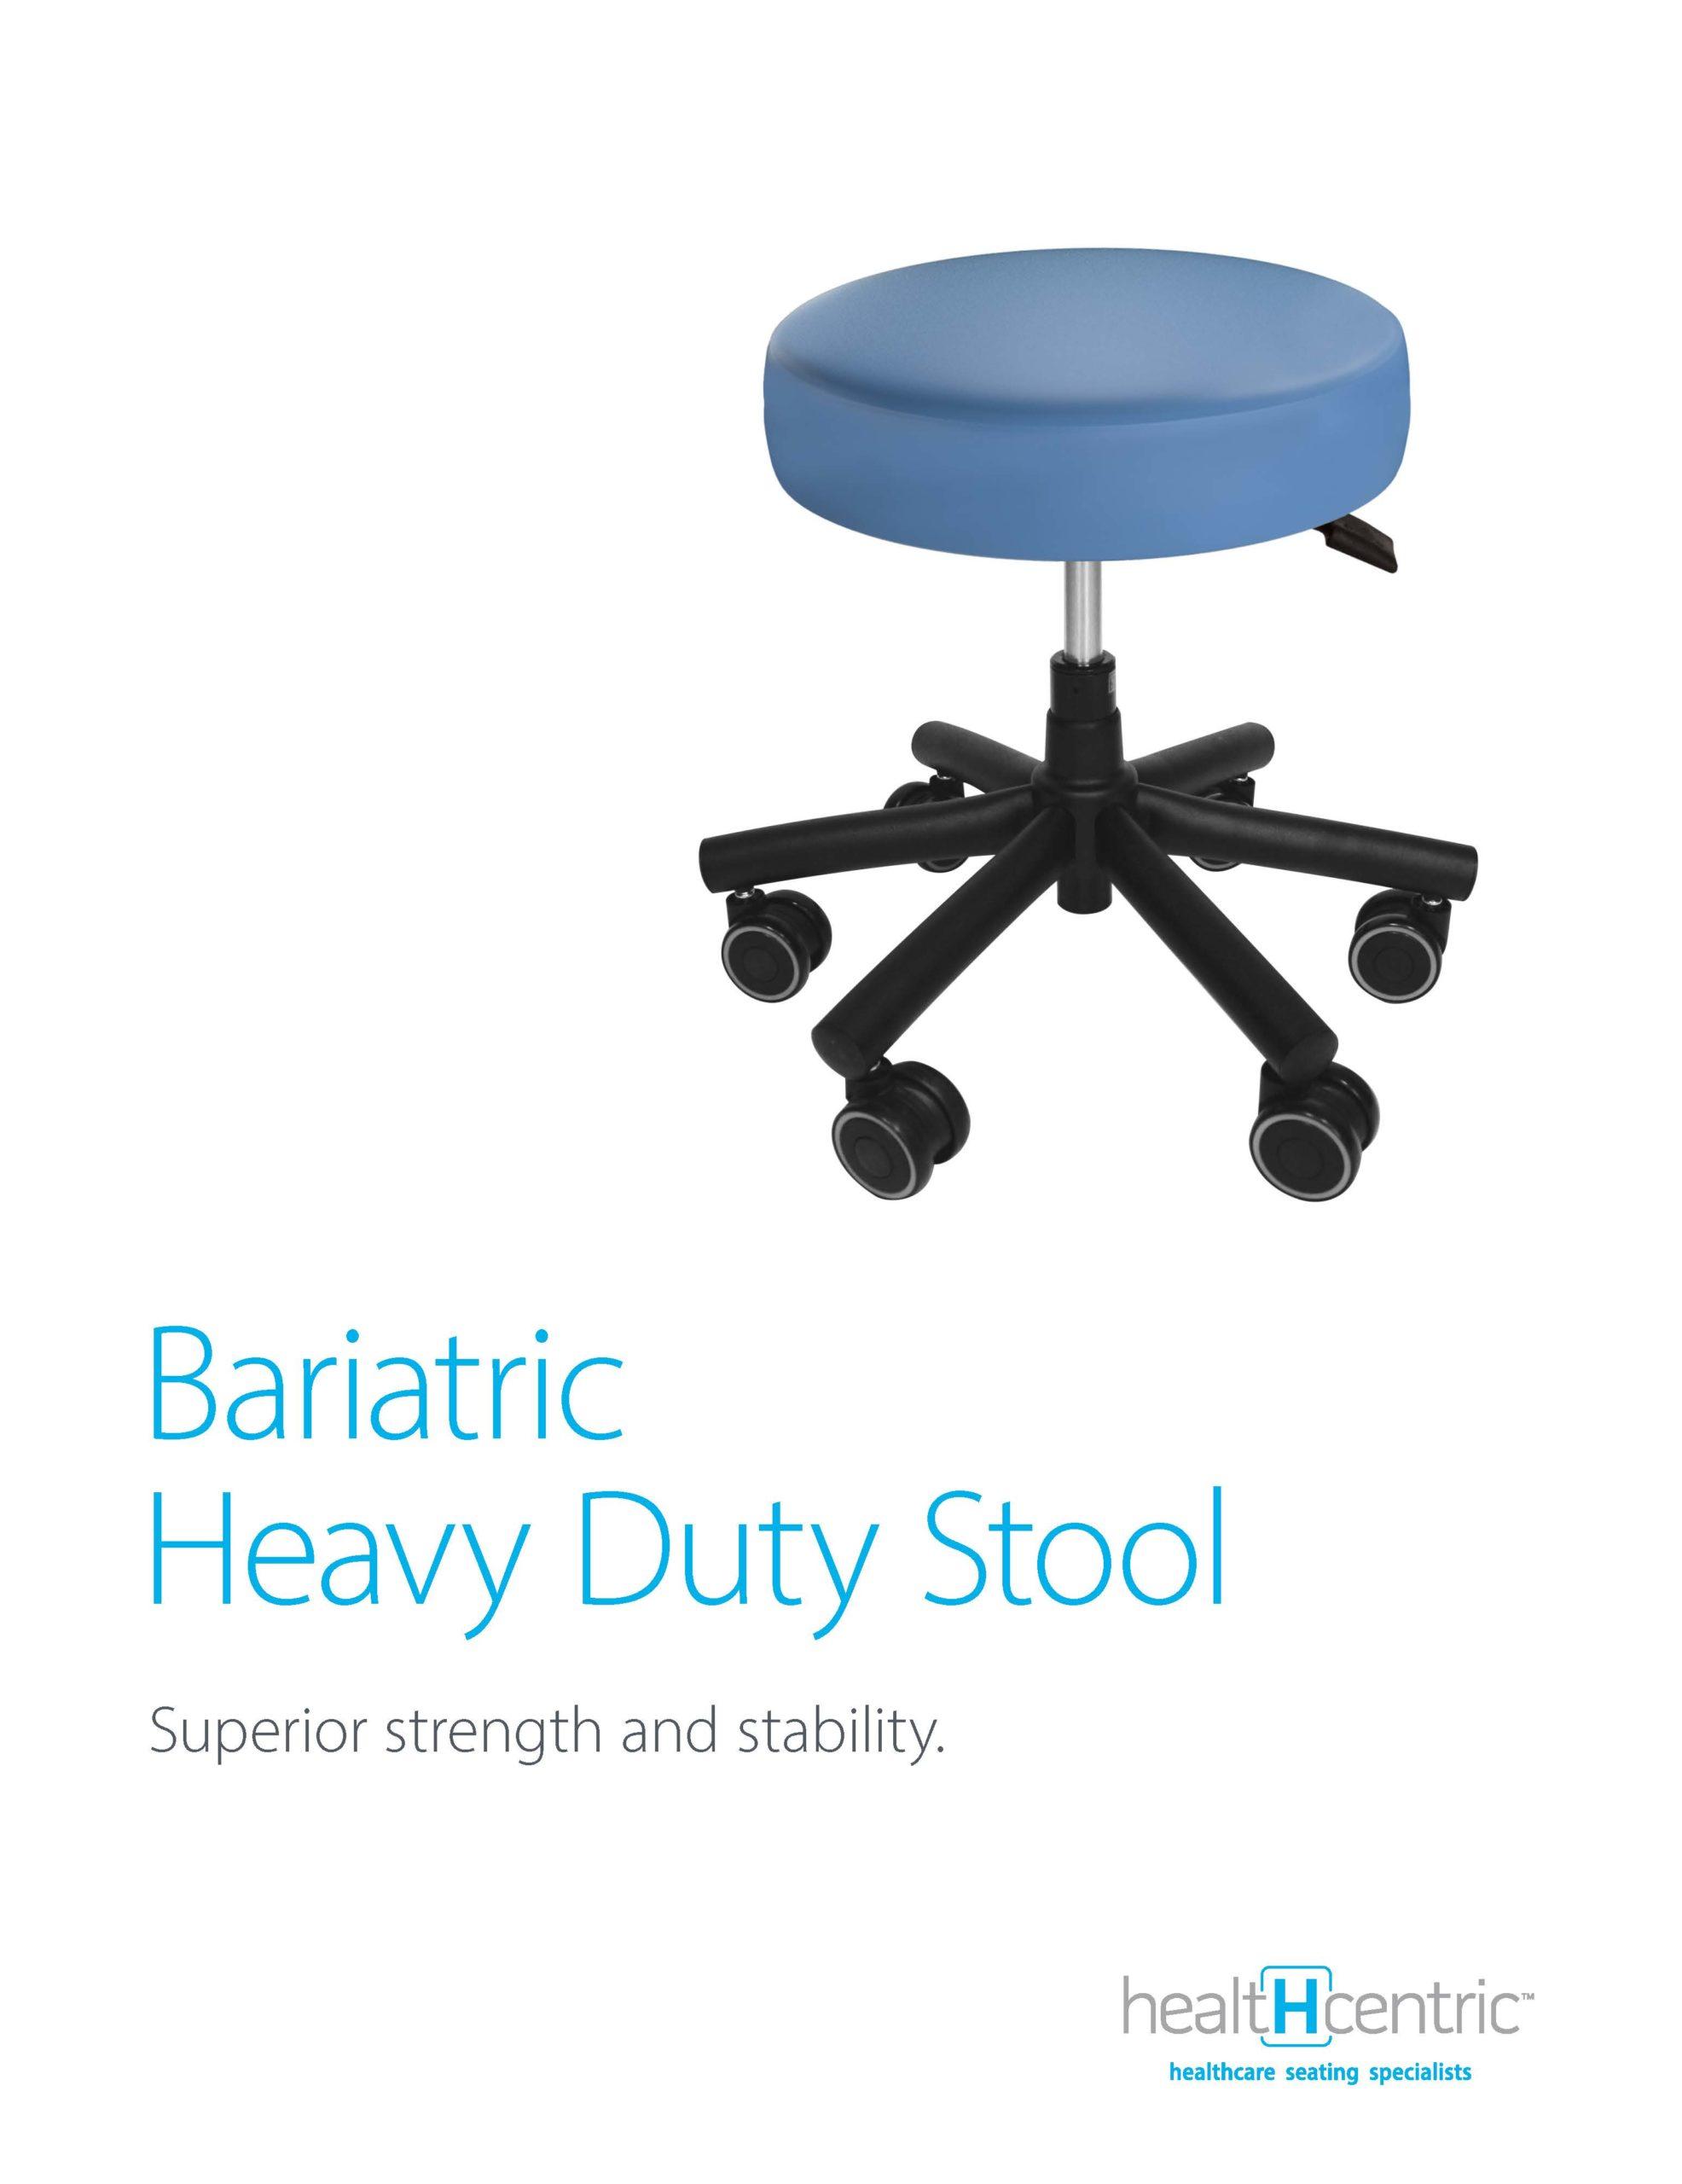 Bariatric Heavy Duty Stool